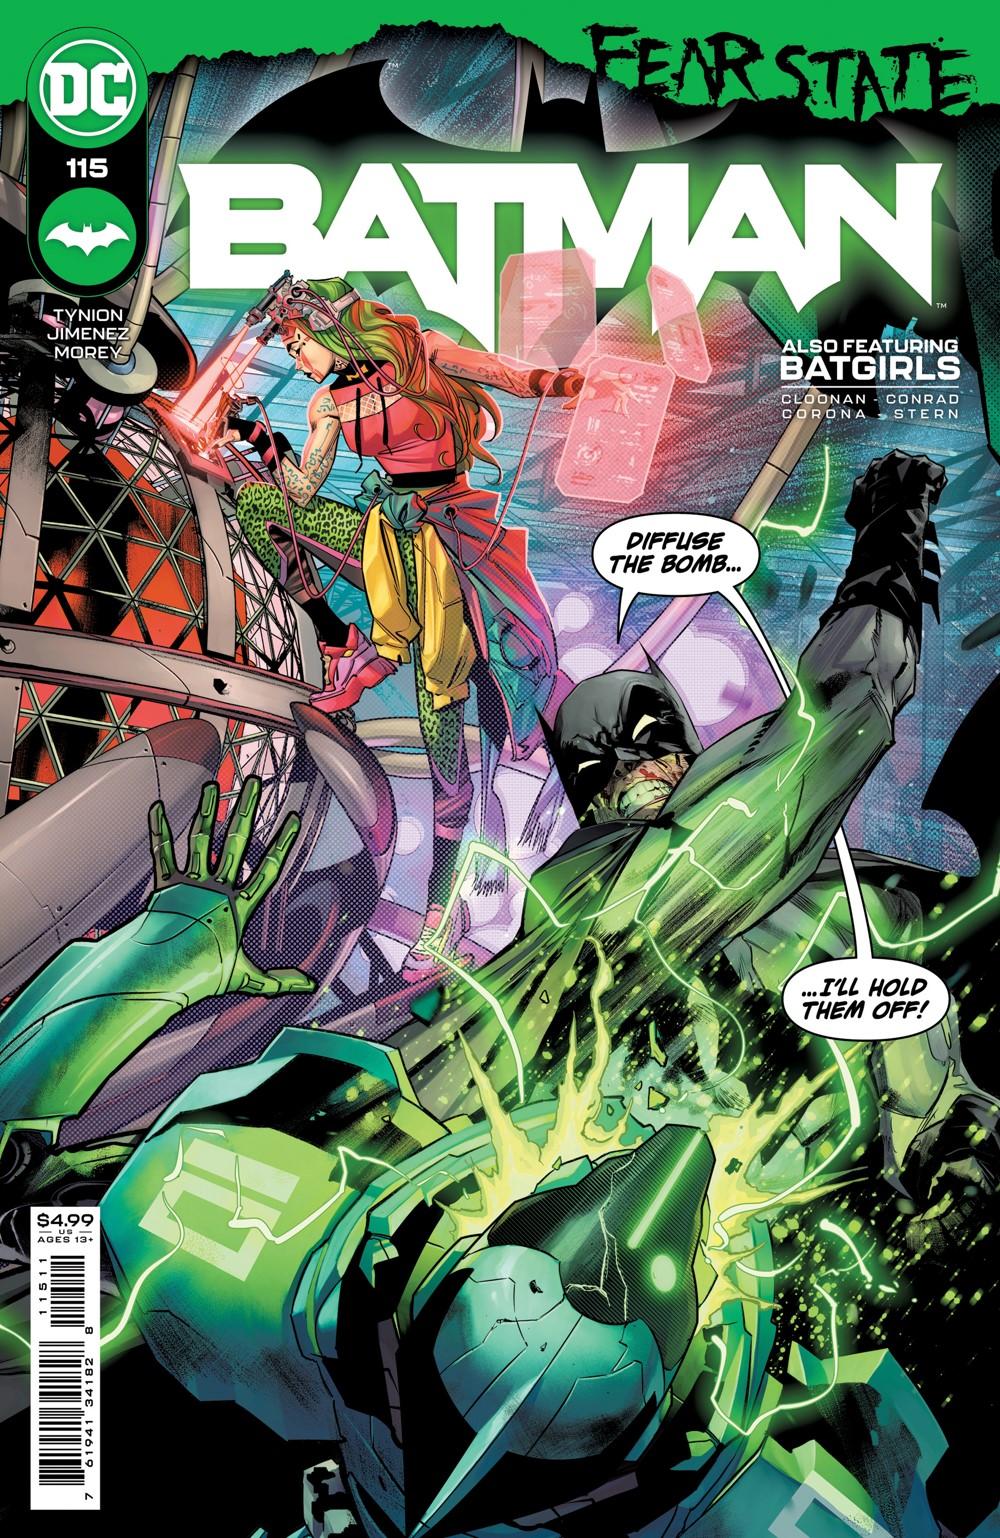 BM_Cv115_11511 DC Comics October 2021 Solicitations